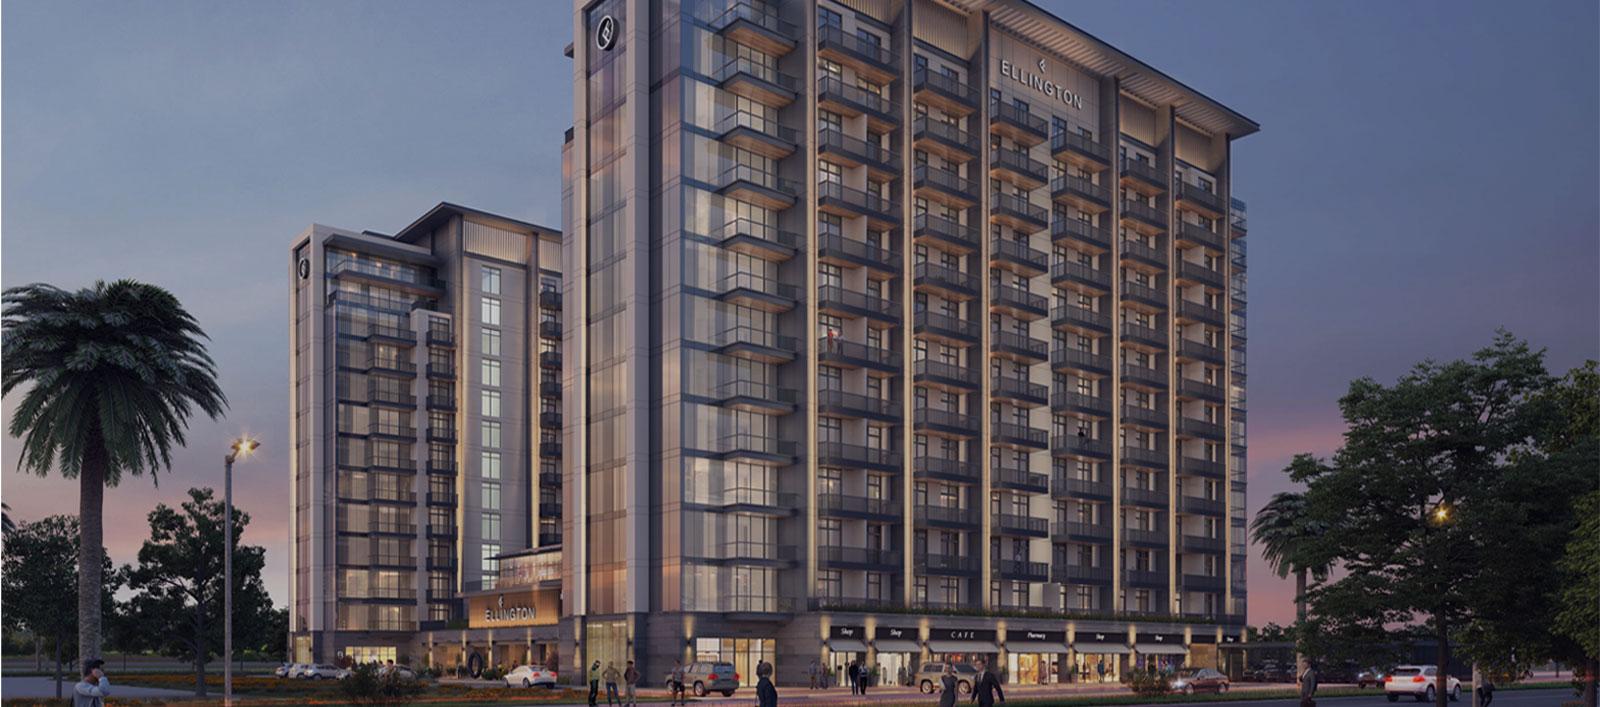 Kw Apartments